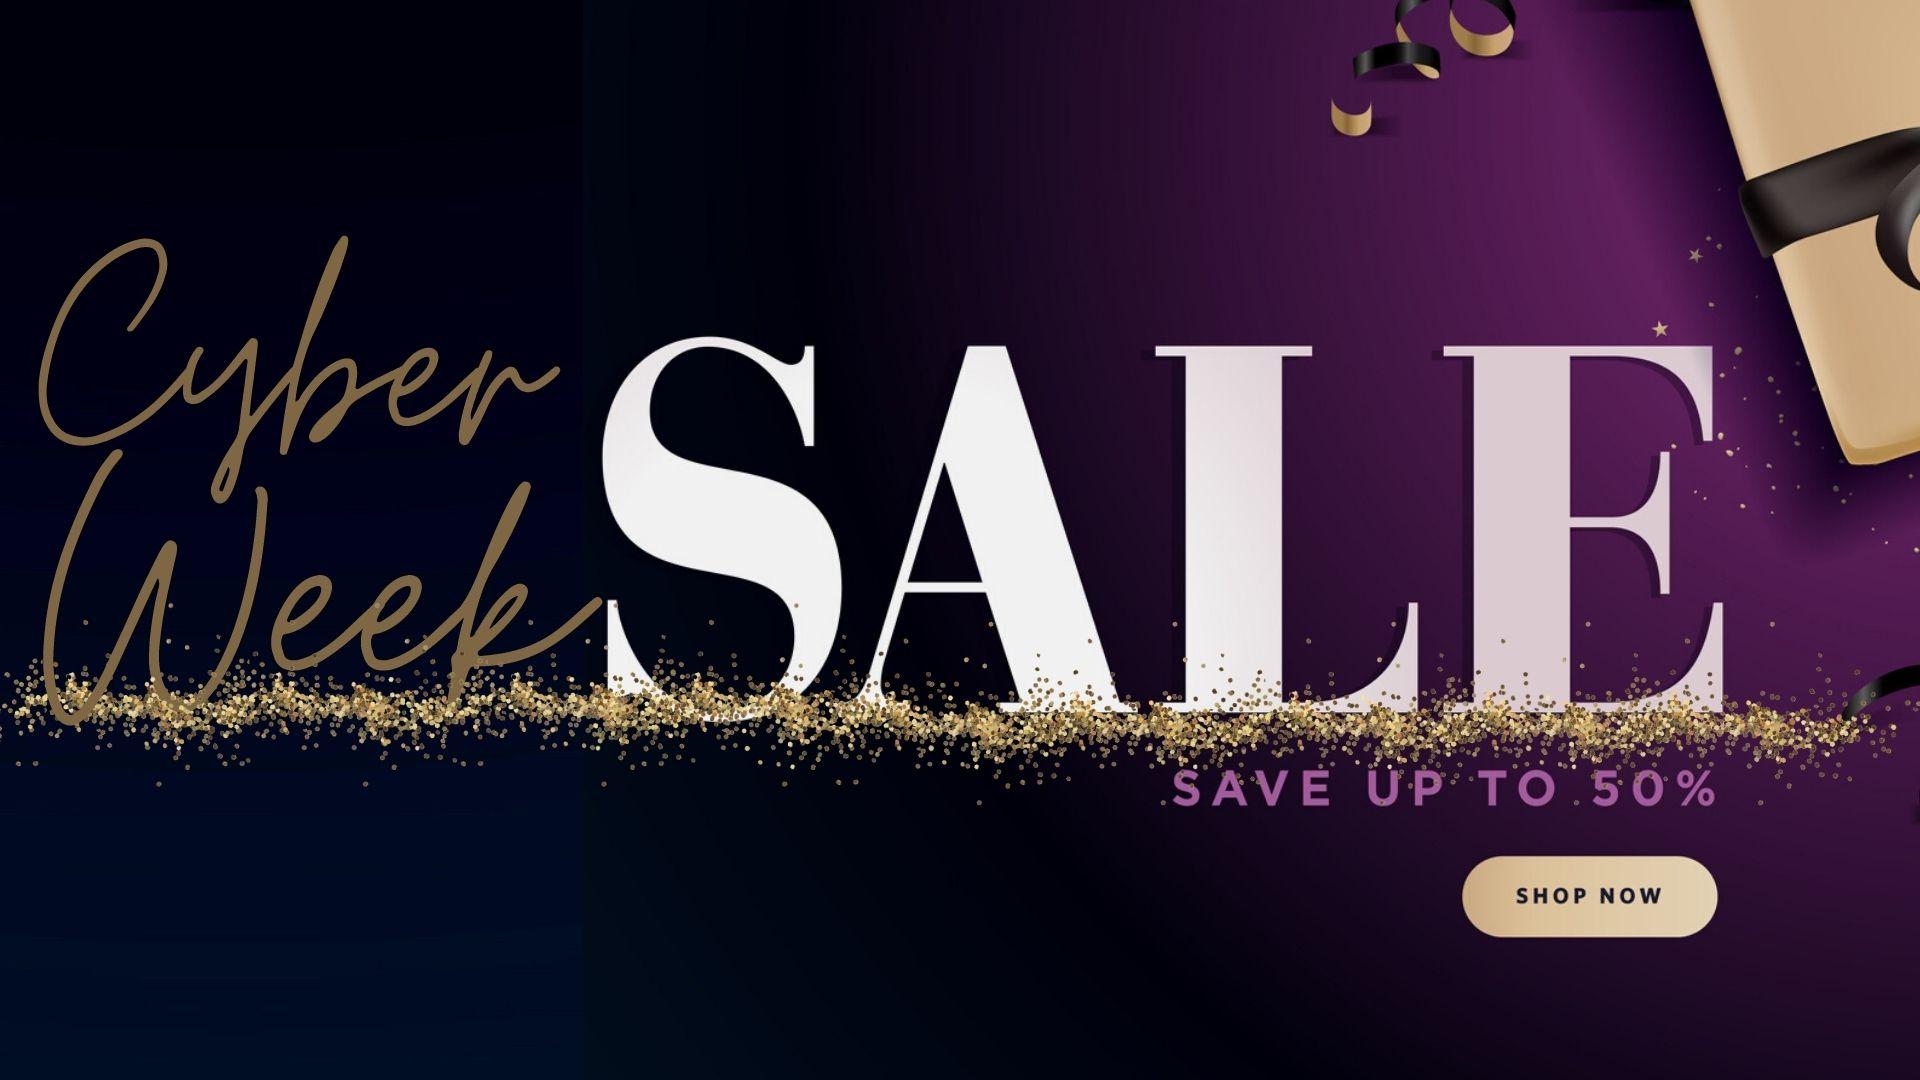 Cyber-week-sale-make-up